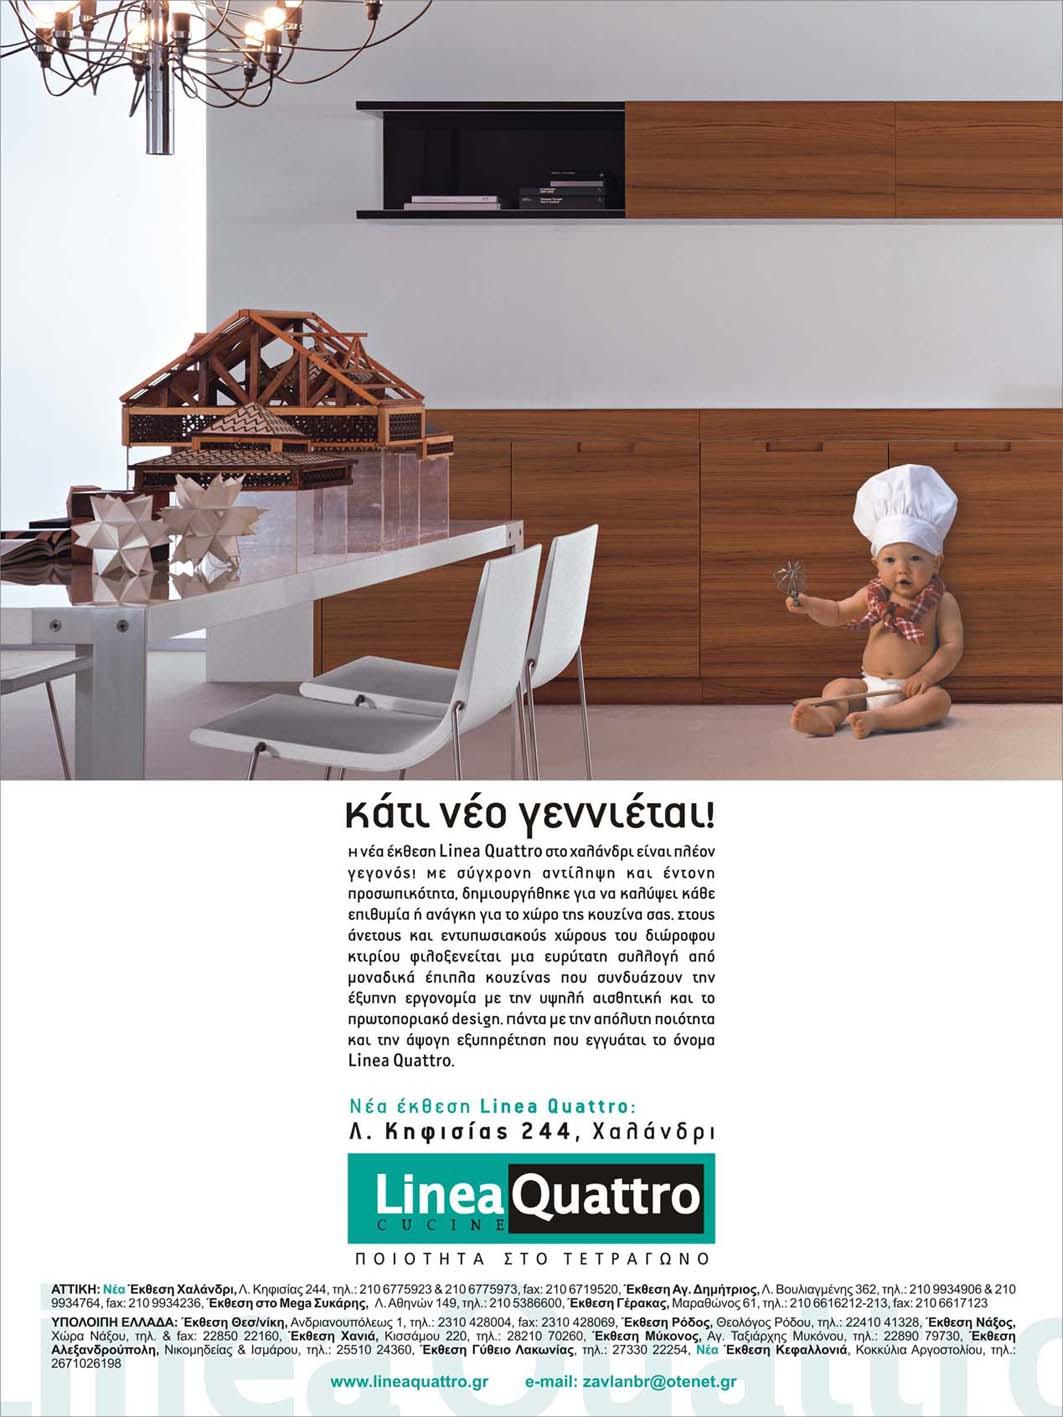 Cucine Linea Quattro | Cucina A Gas Professionale 4 Fuochi